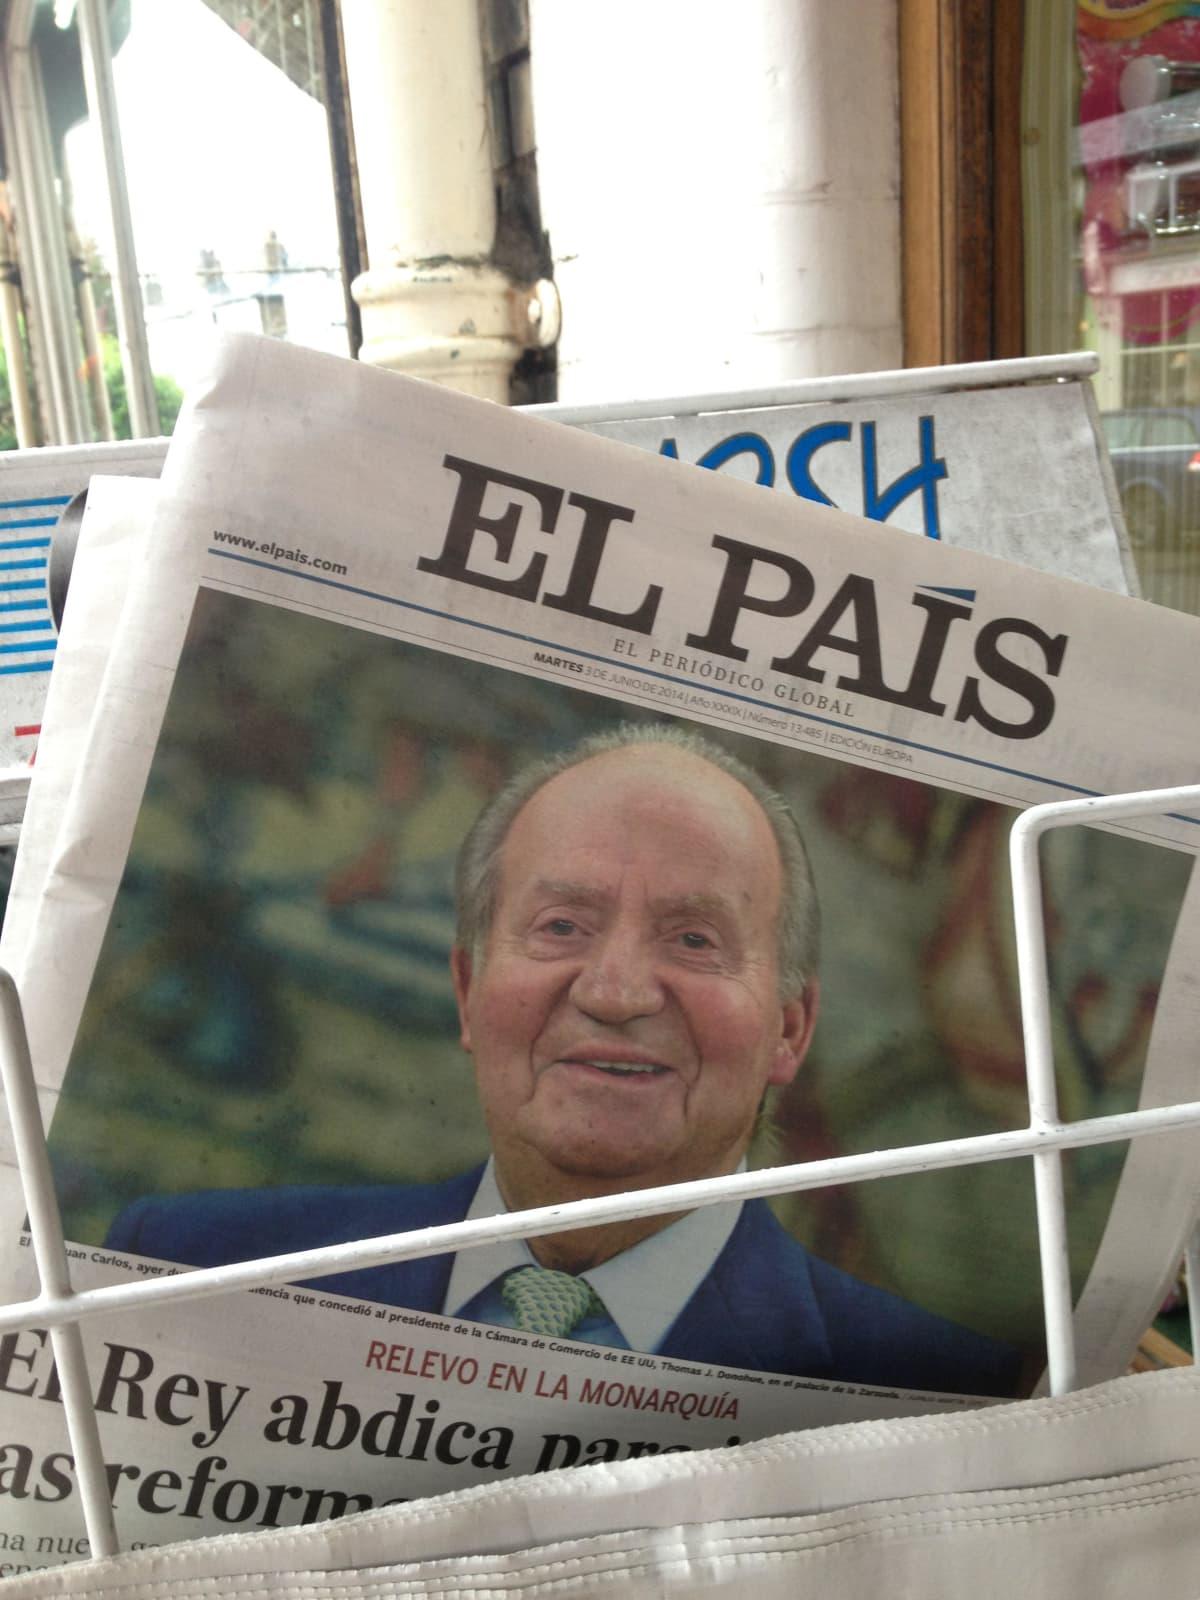 El Pais -lehden otsikko kesäkuulta 2014 Juan Carlosin päätöksestä luopua kruunusta.